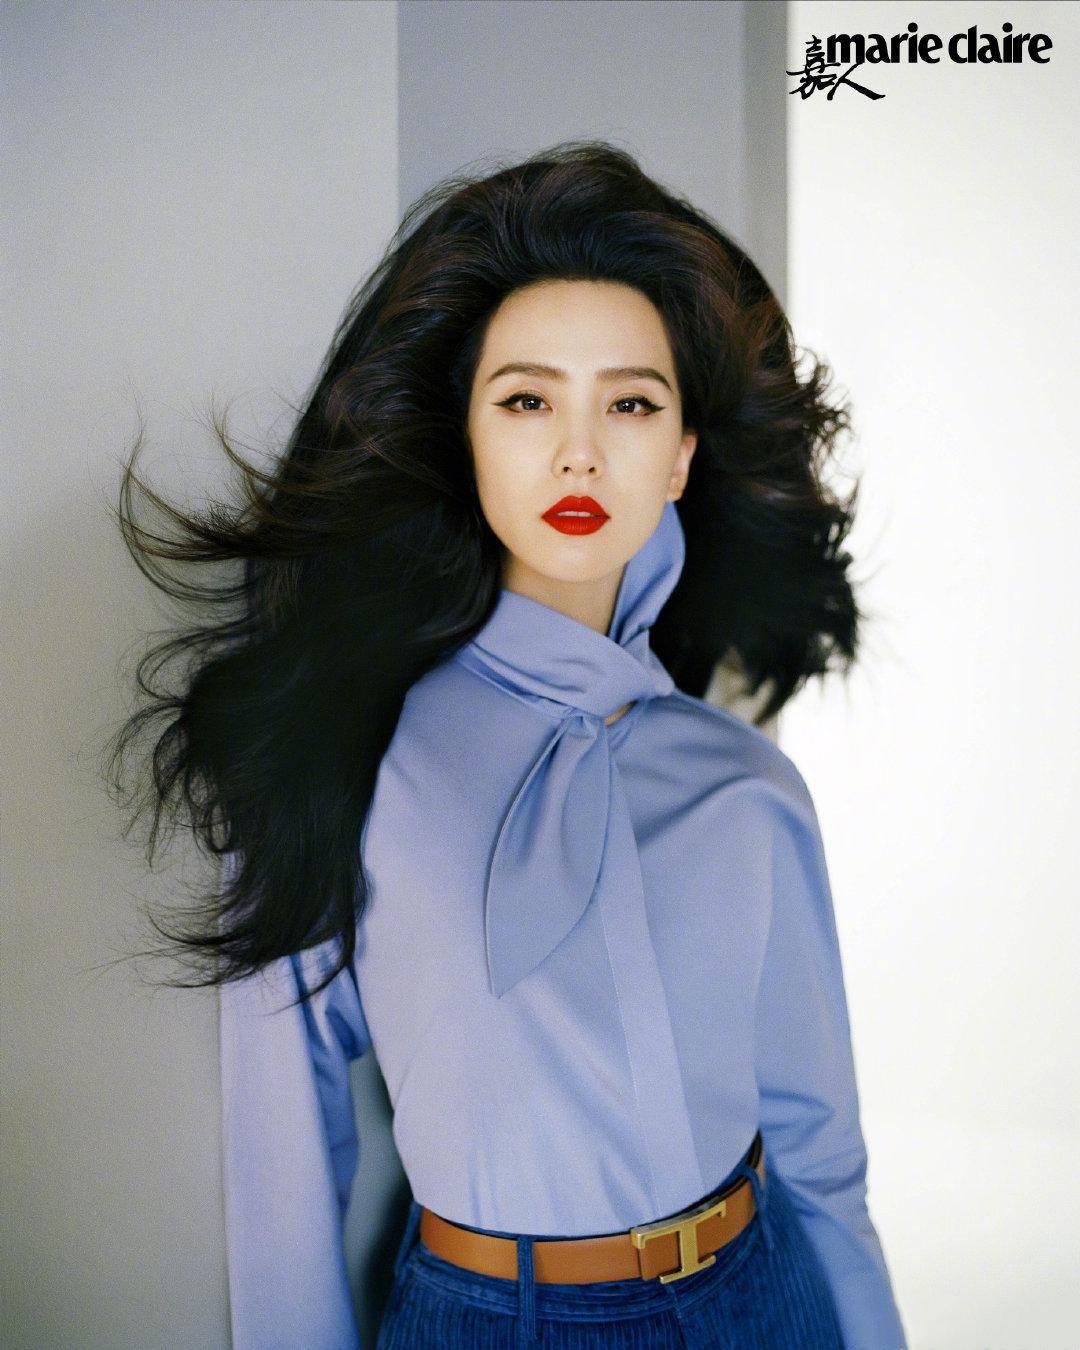 女明星们演绎50年代发型!杨武松娱乐幂怕露额头加刘海扮嫩,减龄功效显着